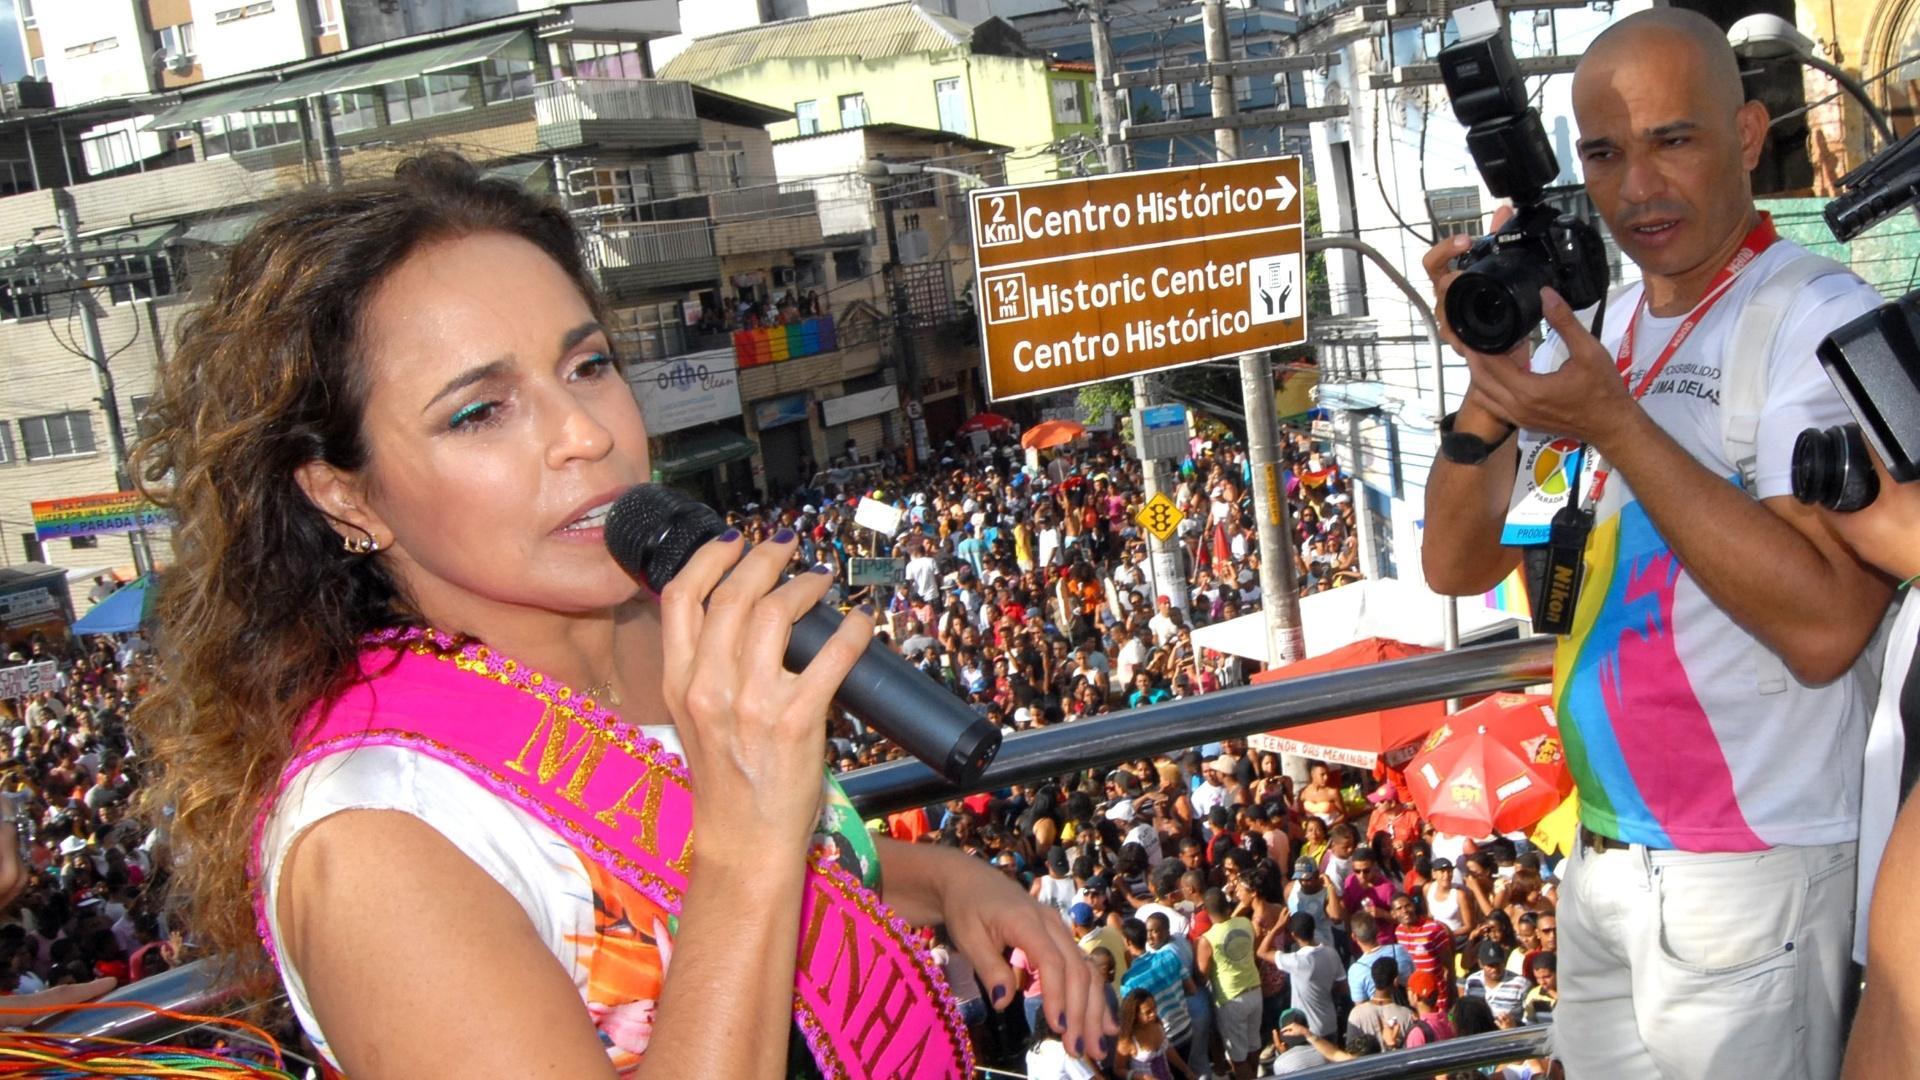 8.set.2013 - Cantora Daniela Mercury se apresentou, na tarde deste domingo (8), na Parada Gay no centro de Salvador. Daniela foi escolhida a rainha do evento deste ano